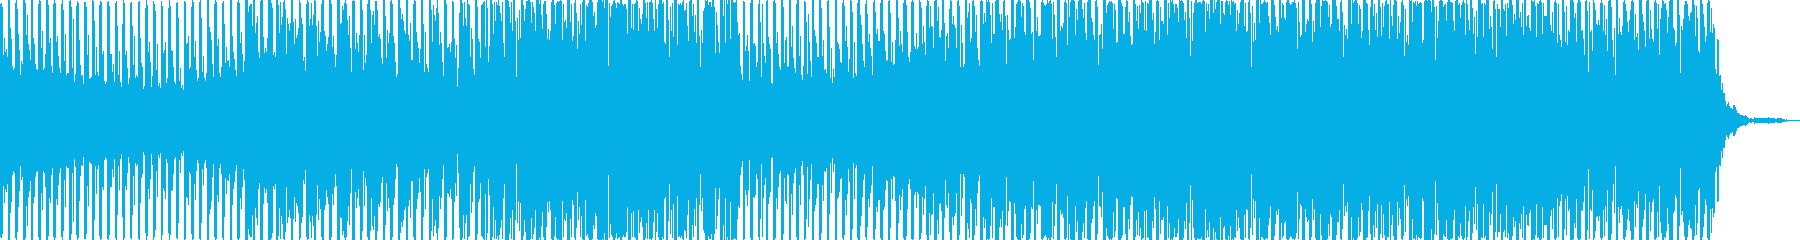 宇宙や夜空をゆっくり舞うテクノポップの再生済みの波形